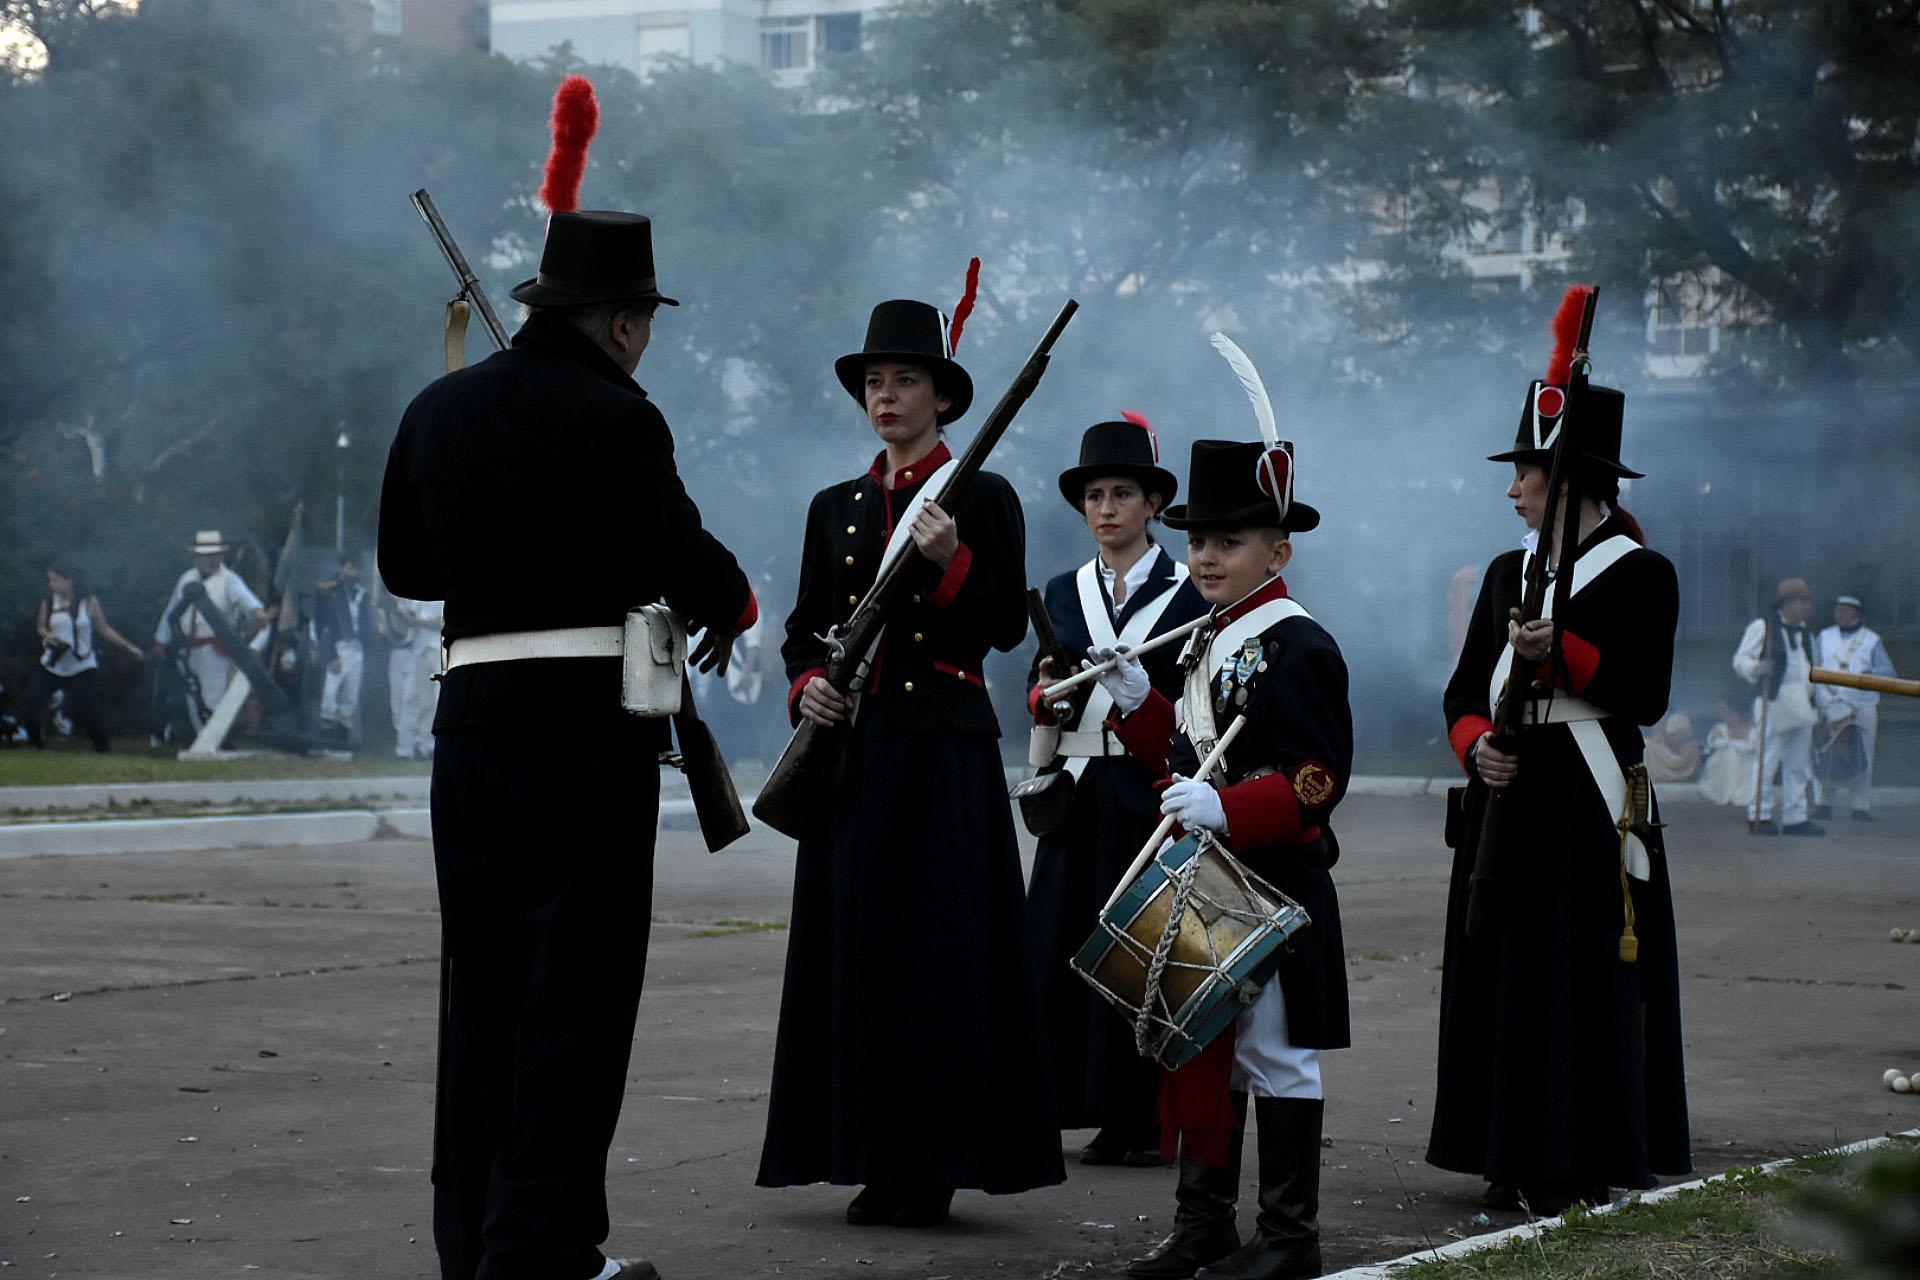 El espectáculo gratuito fue impulsado por el Instituto Nacional Browniano junto a la Armada Argentina y contó con el apoyo del programa de mecenazgo cultural del Gobierno porteño